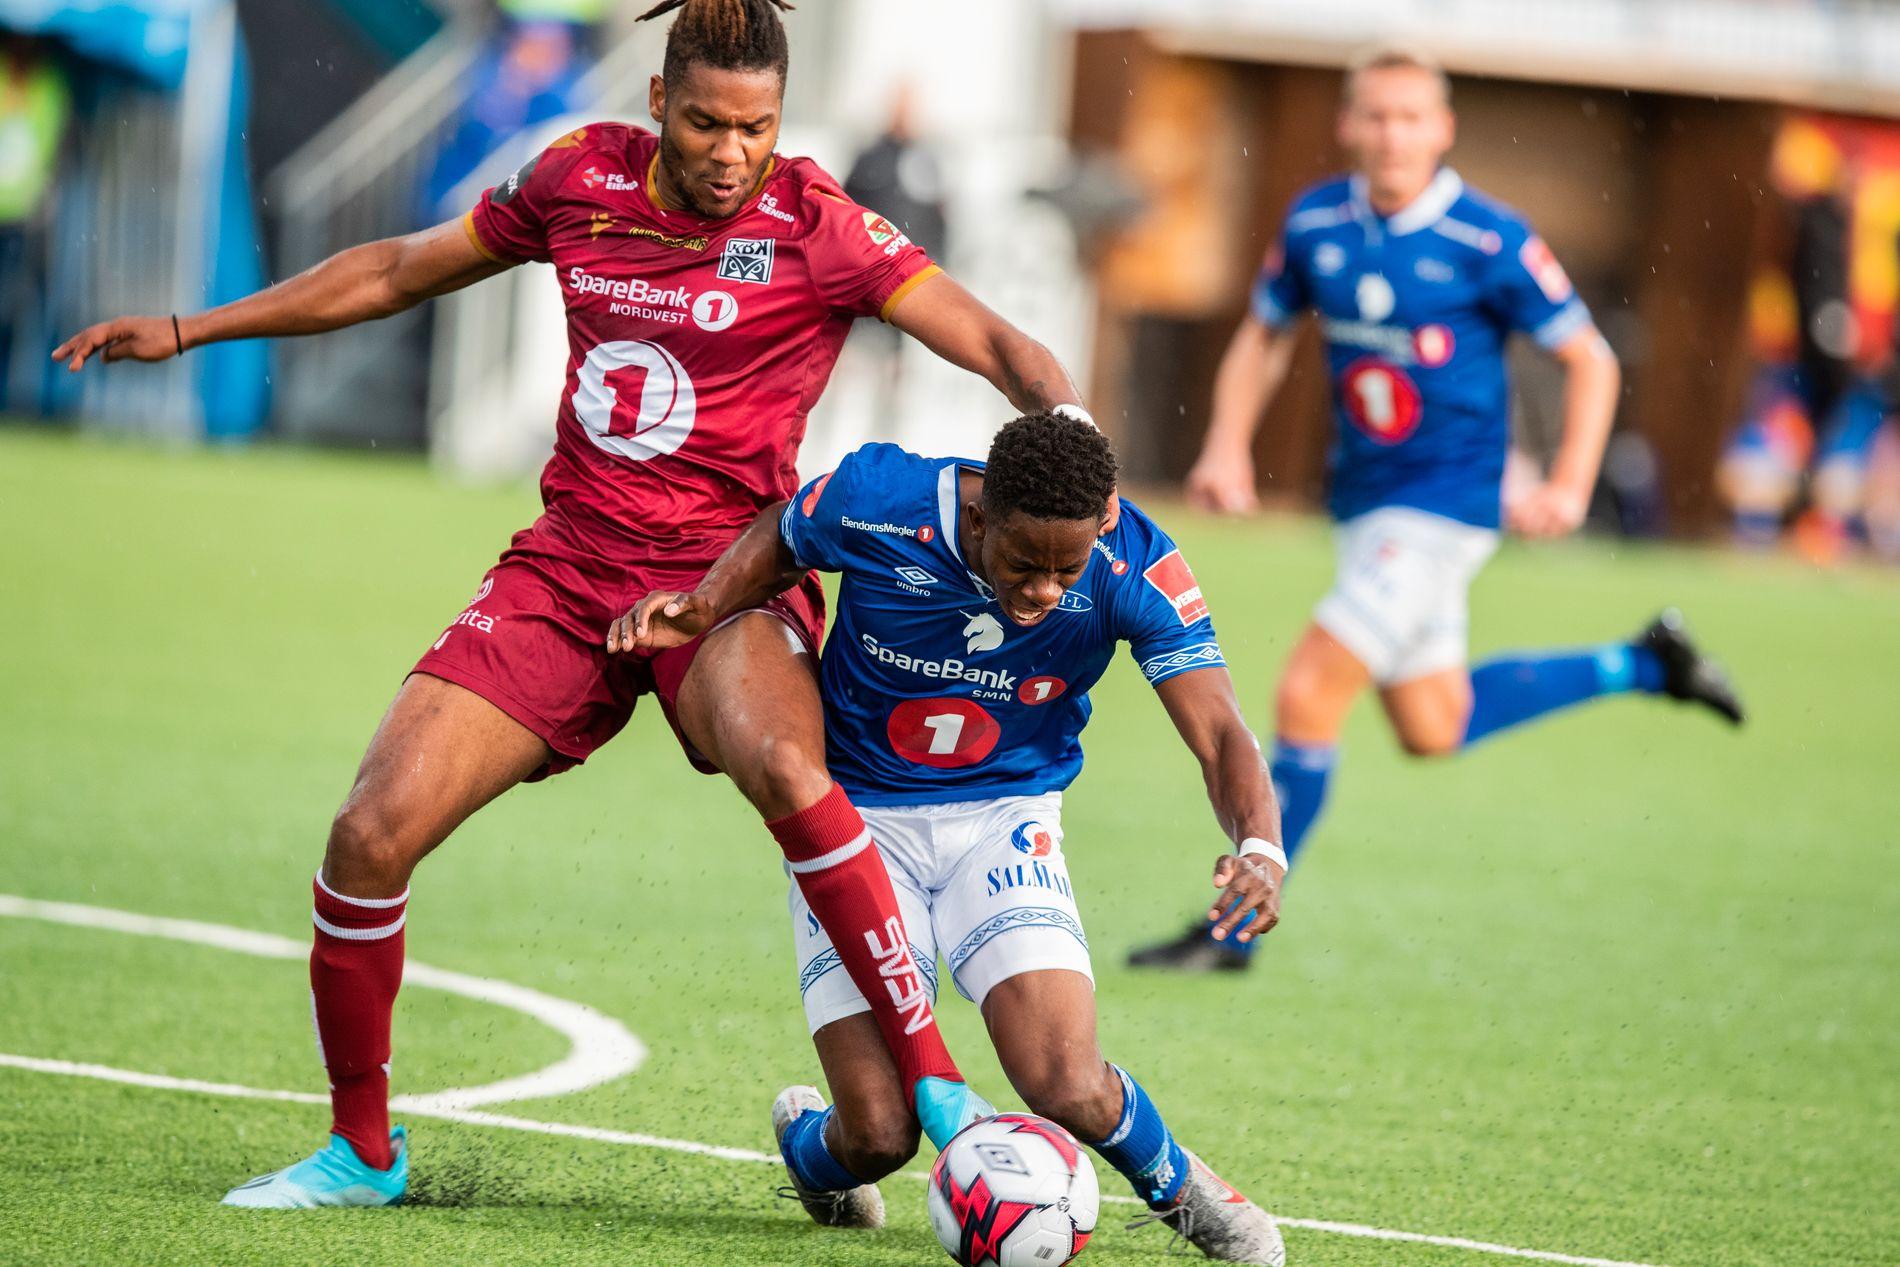 Surt hjemmetap: Mushaga Bakenga og Ranheim måtte se seg slått hjemme mot Kristiansund.